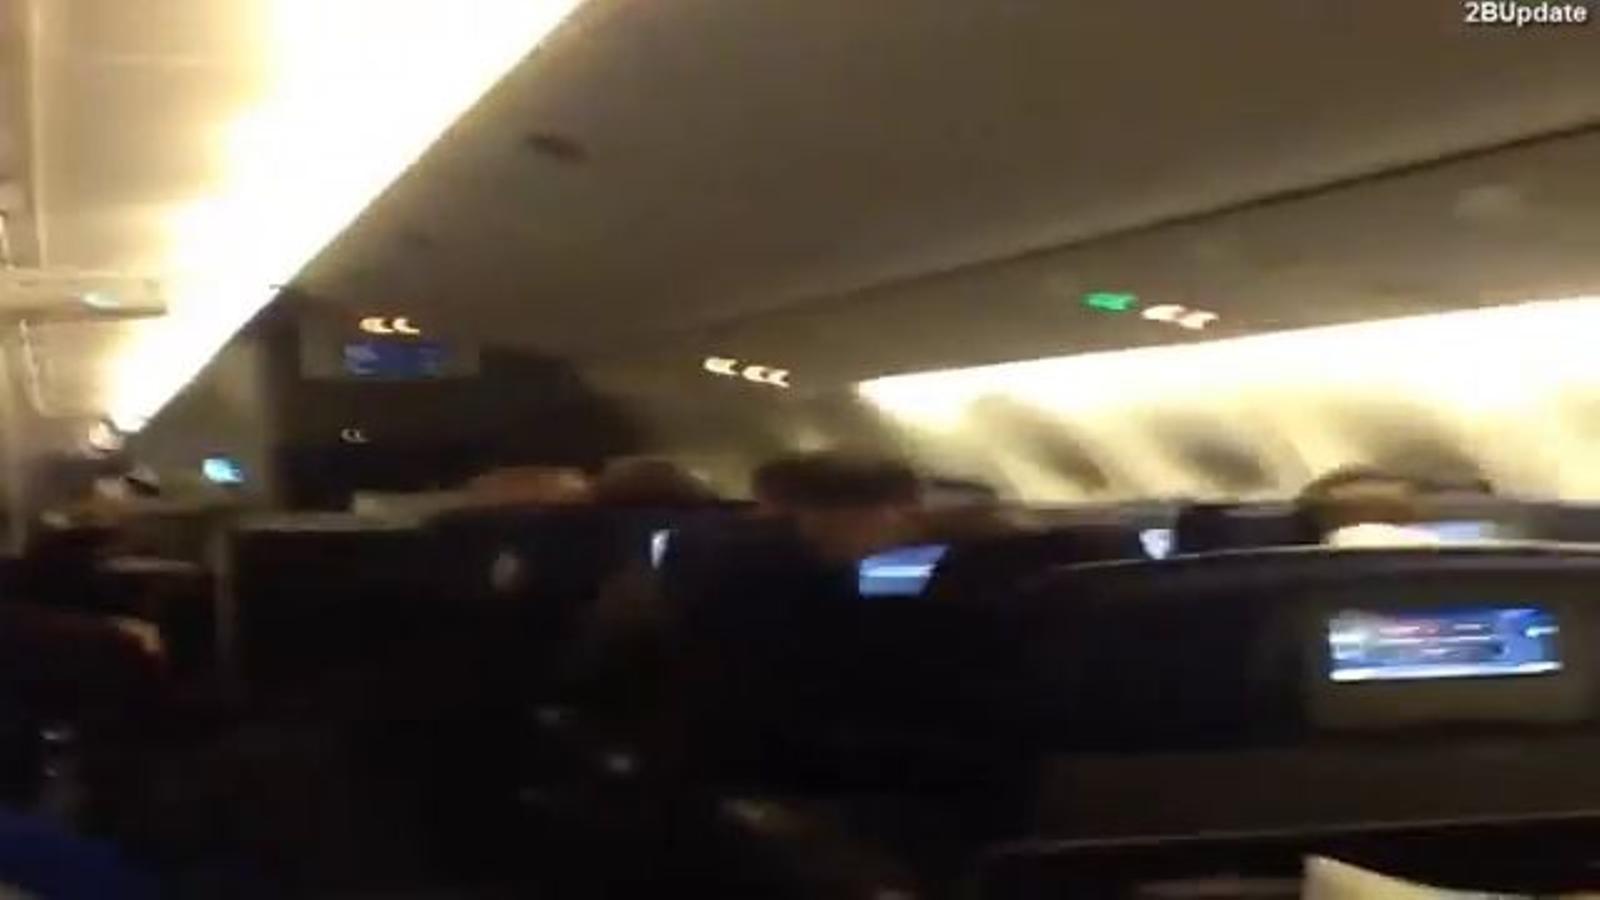 Aterratge entre crits: l'angoixa dels passatgers d'un vol afectat per violentes turbulències